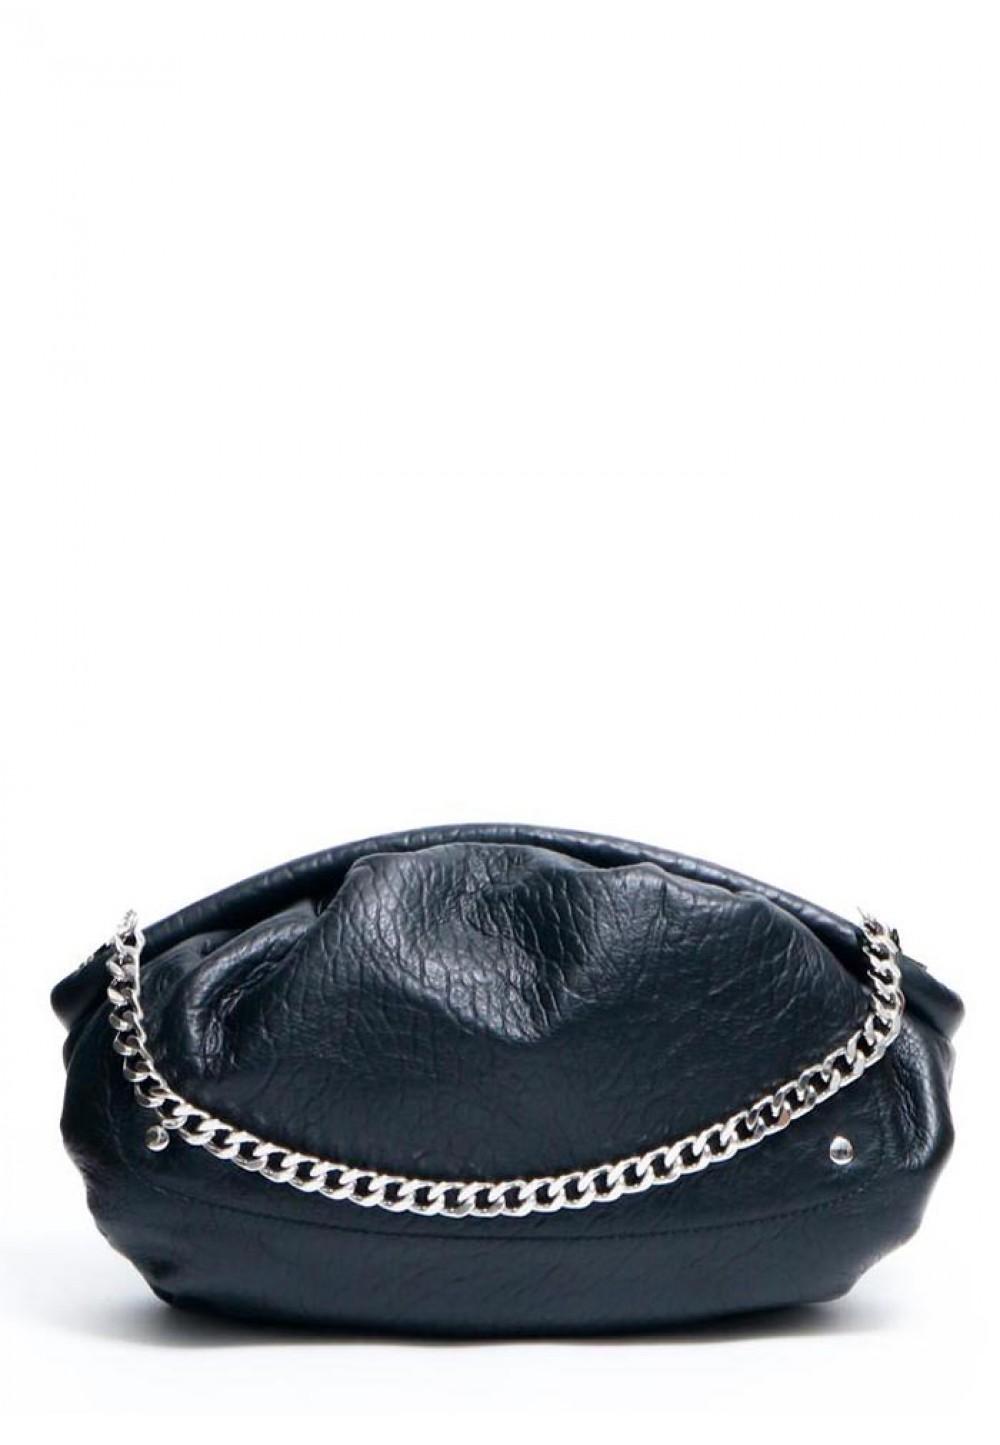 Стильна жіноча чорна сумка Lin chain new zealand